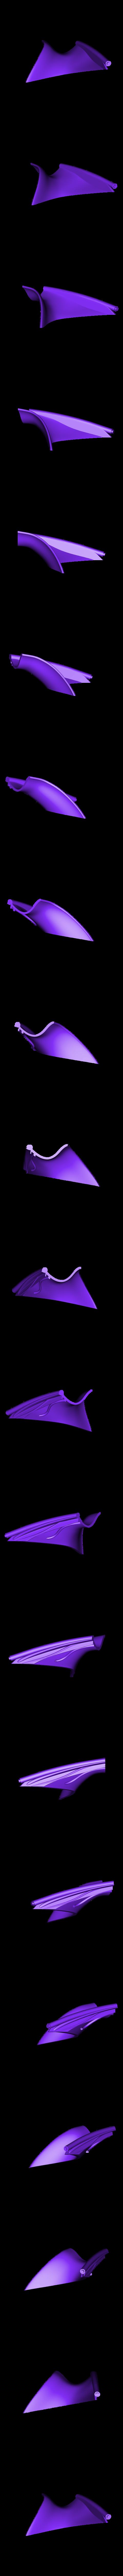 Hex3D_Vader_Front_Neck_Part2.stl Descargar archivo STL Darth Vader - Casco de Revelación 3D para Imprimir • Diseño para imprimir en 3D, Geoffro